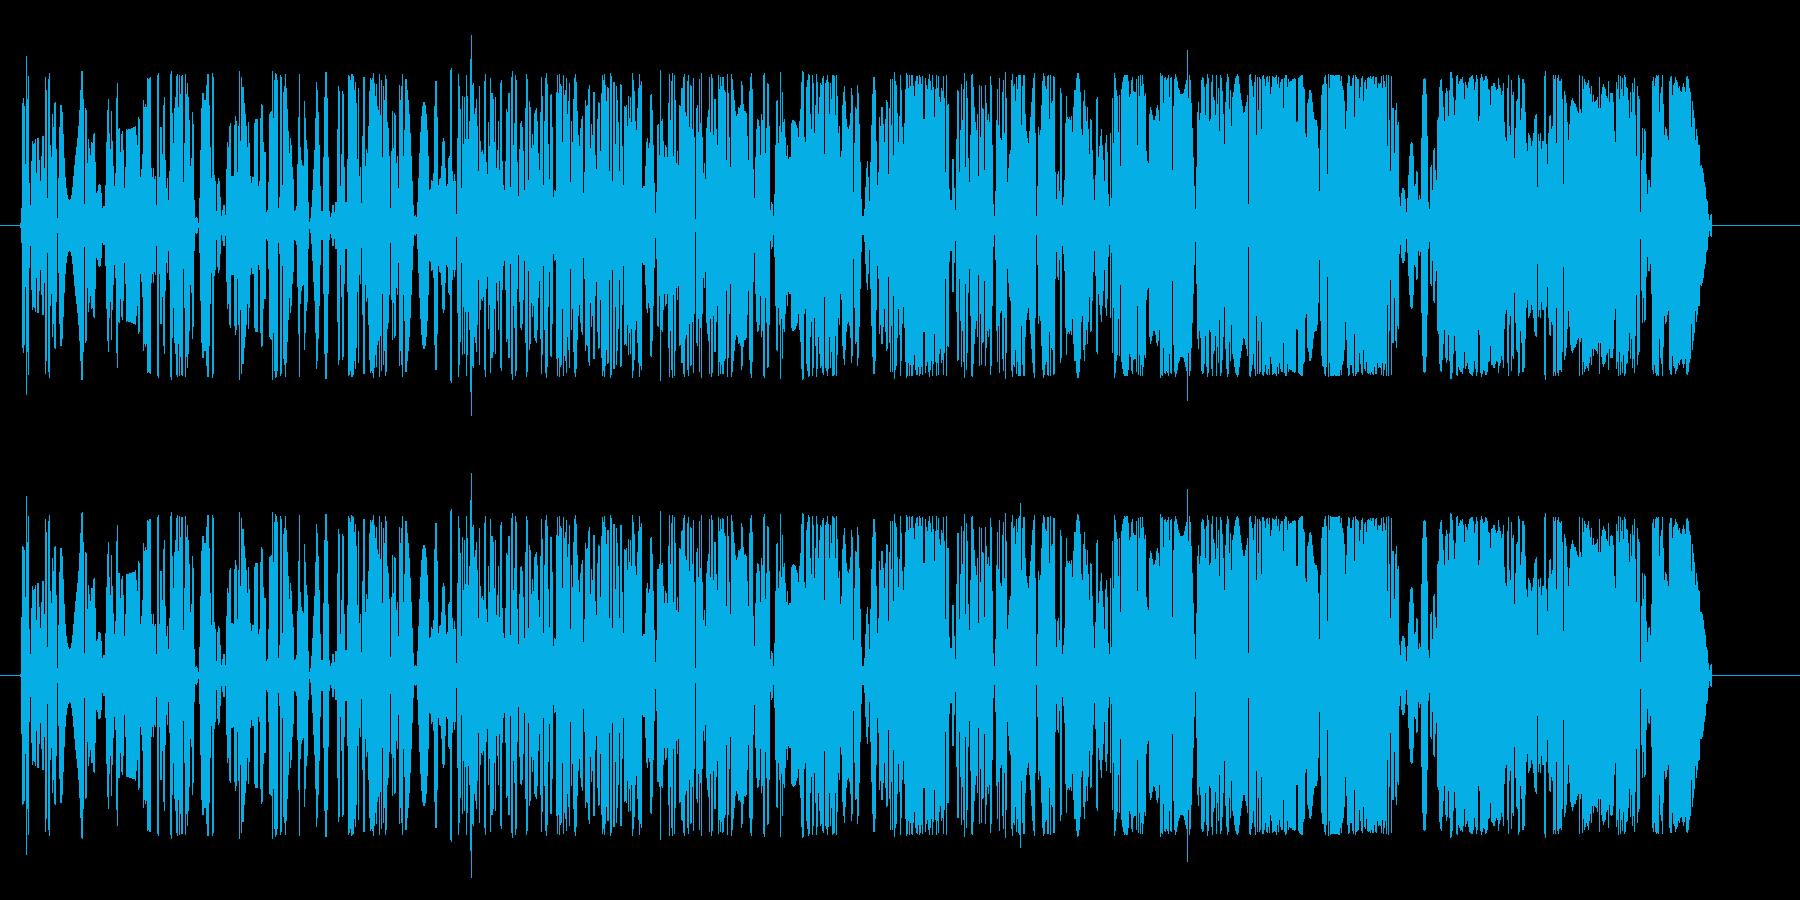 モクモク(回転系の音)の再生済みの波形